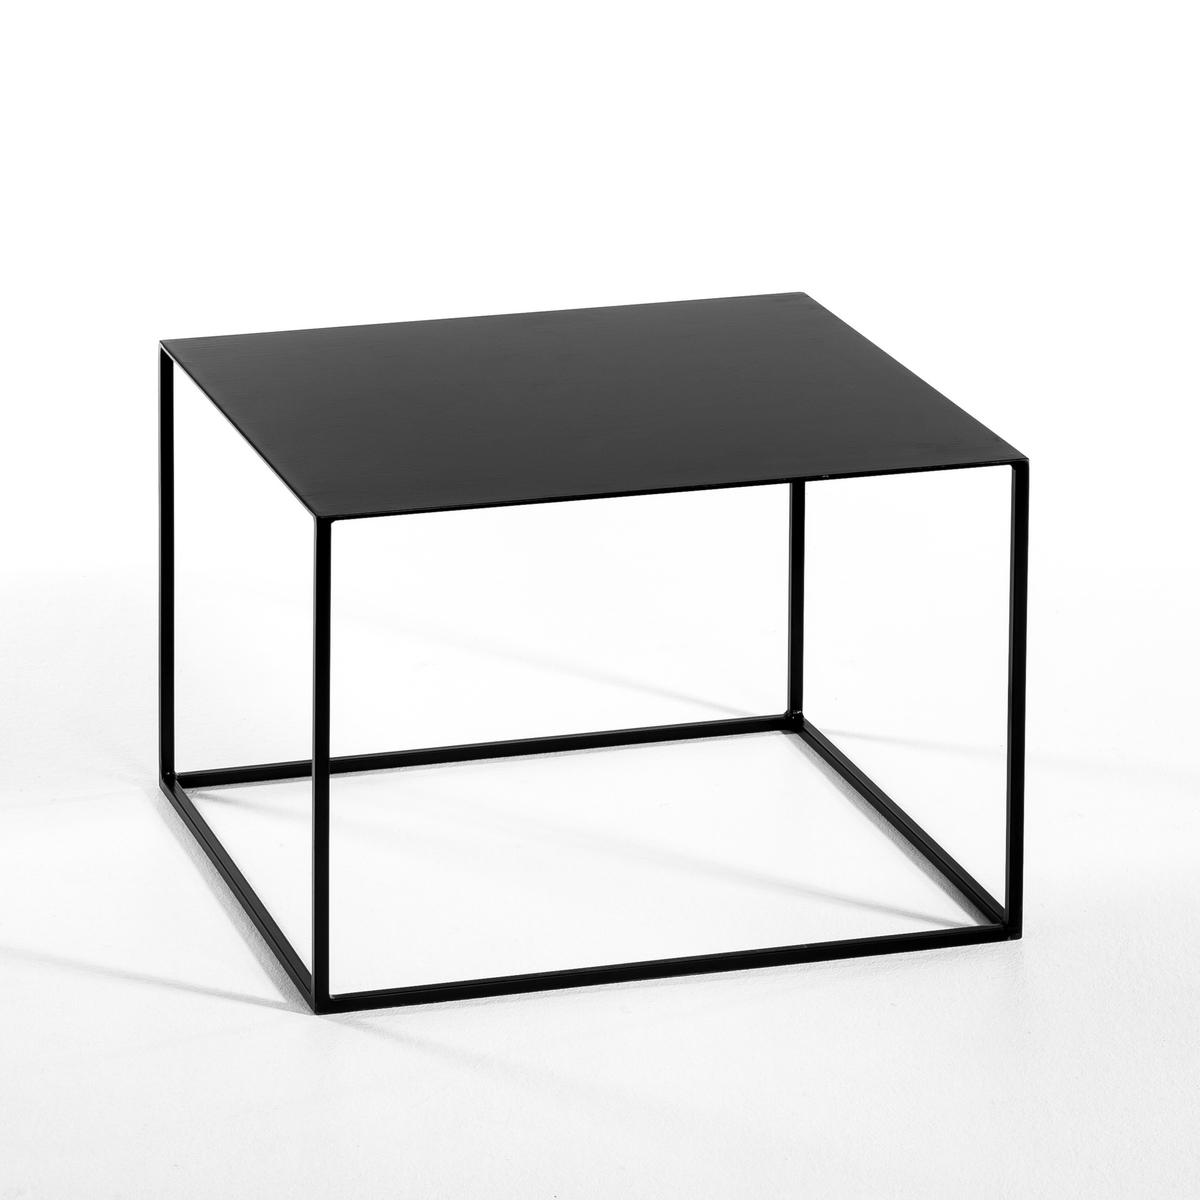 Столик Romy, квадратныйСтолик квадратный Romy . Очень элегантный благодаря своим ножкам из тонкой металлической трубки... Описание :   Из лакированного металла .Размеры : - 50 x 35 x 50 см .<br><br>Цвет: серый,черный